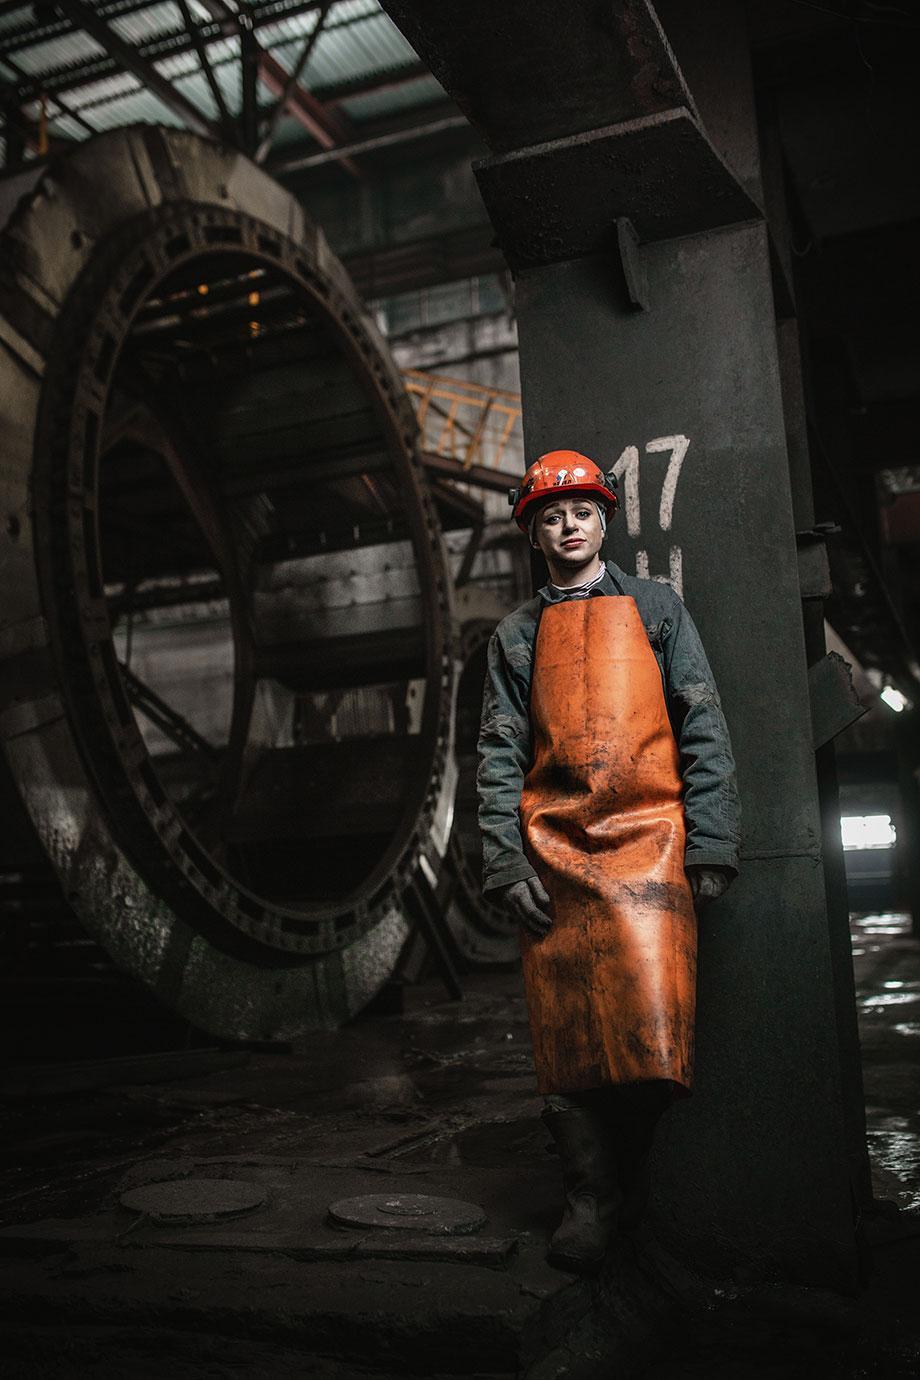 фото Работа новосибирского фотографа попала в число самых человечных снимков мира 3